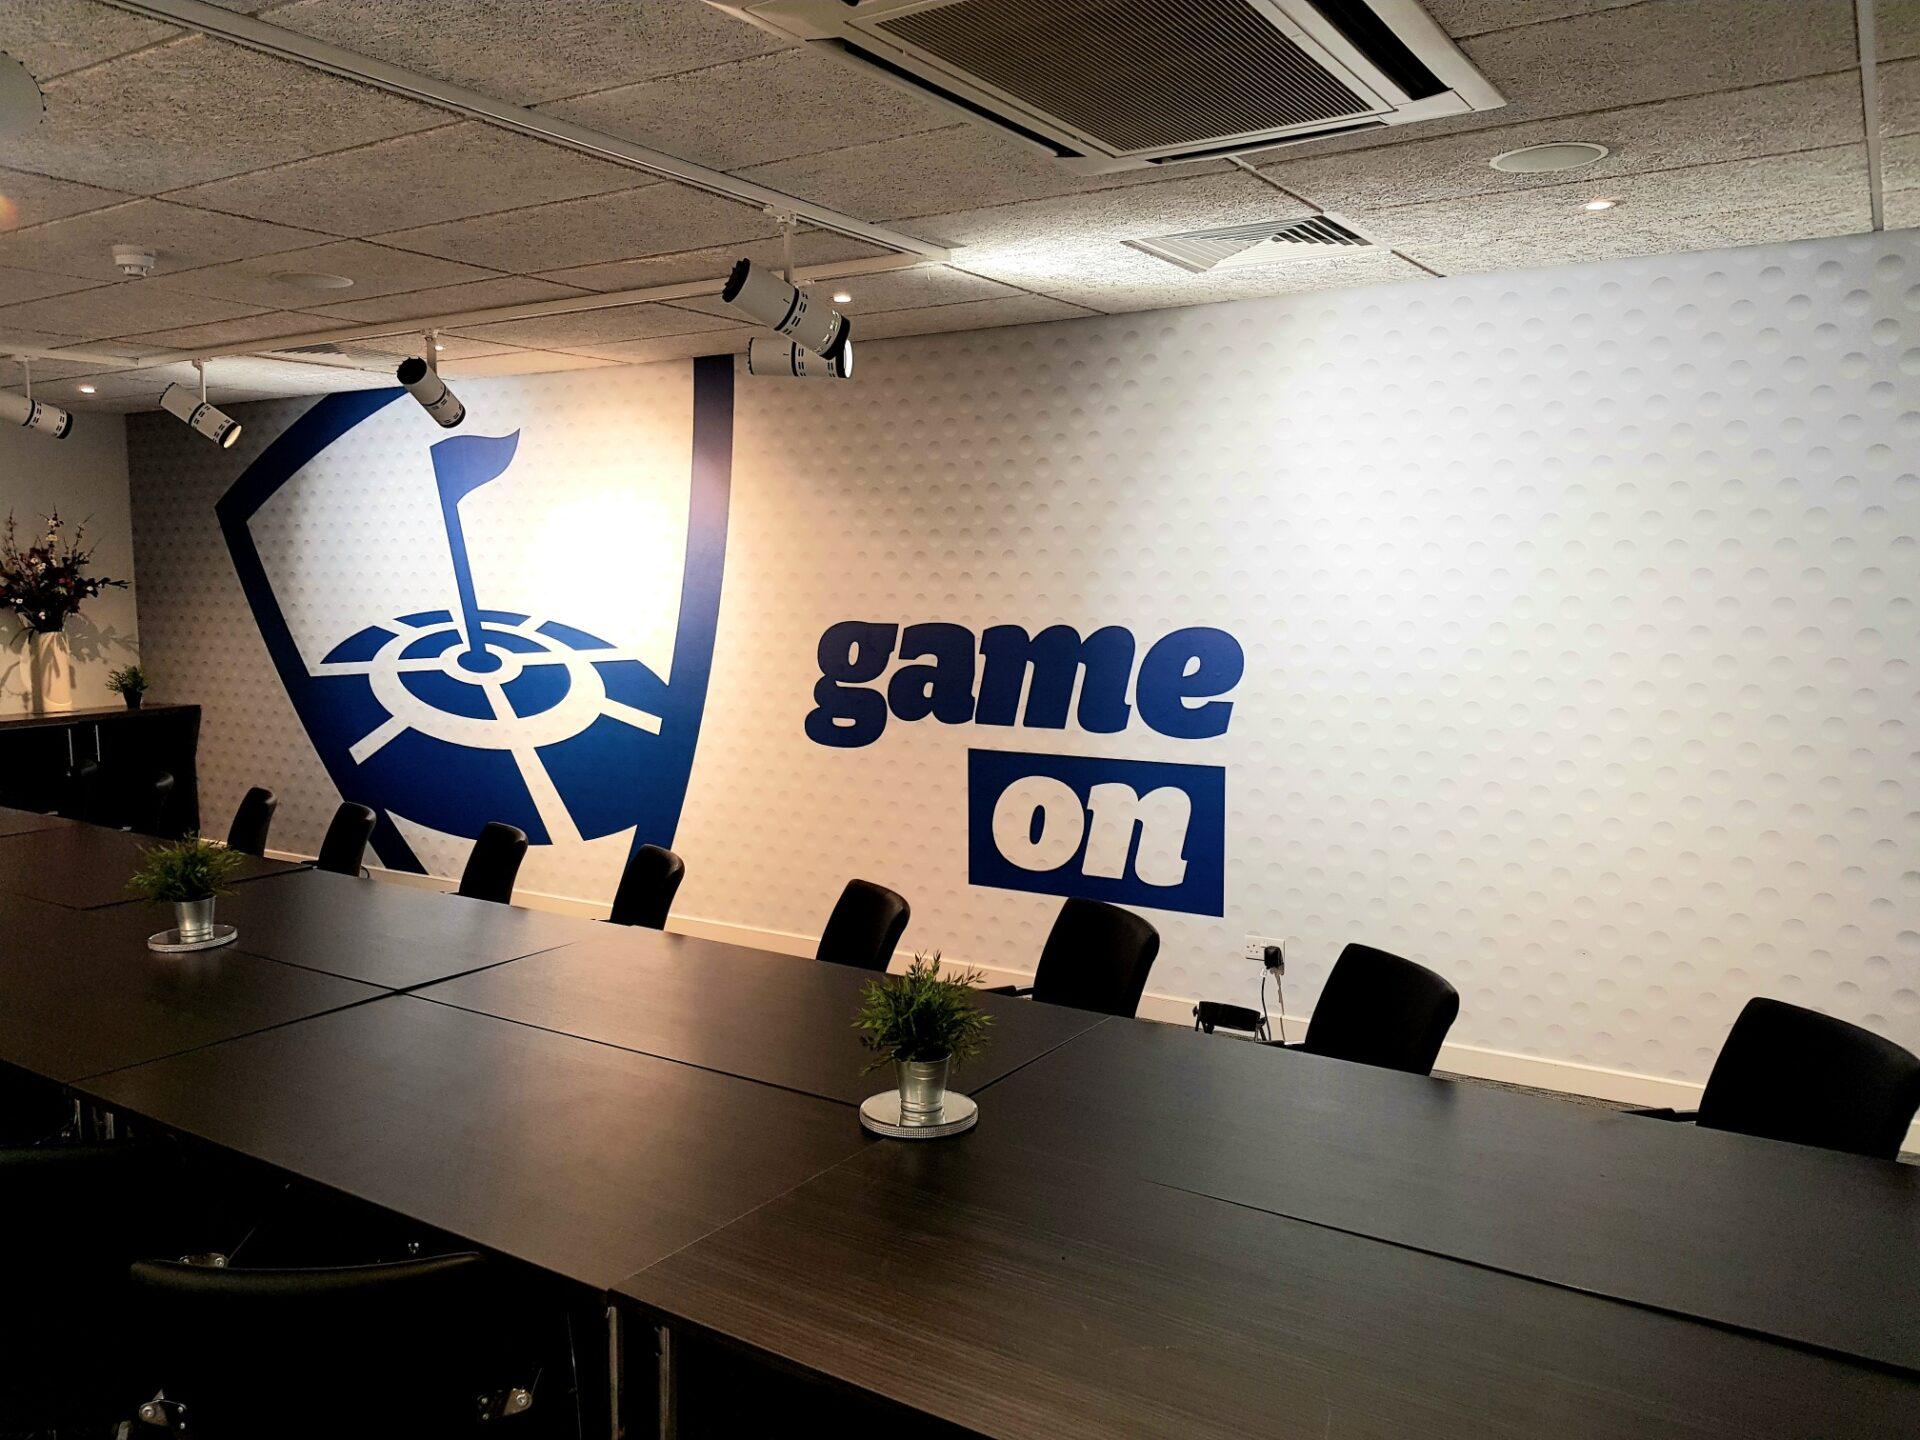 Meeting room graphics Surrey